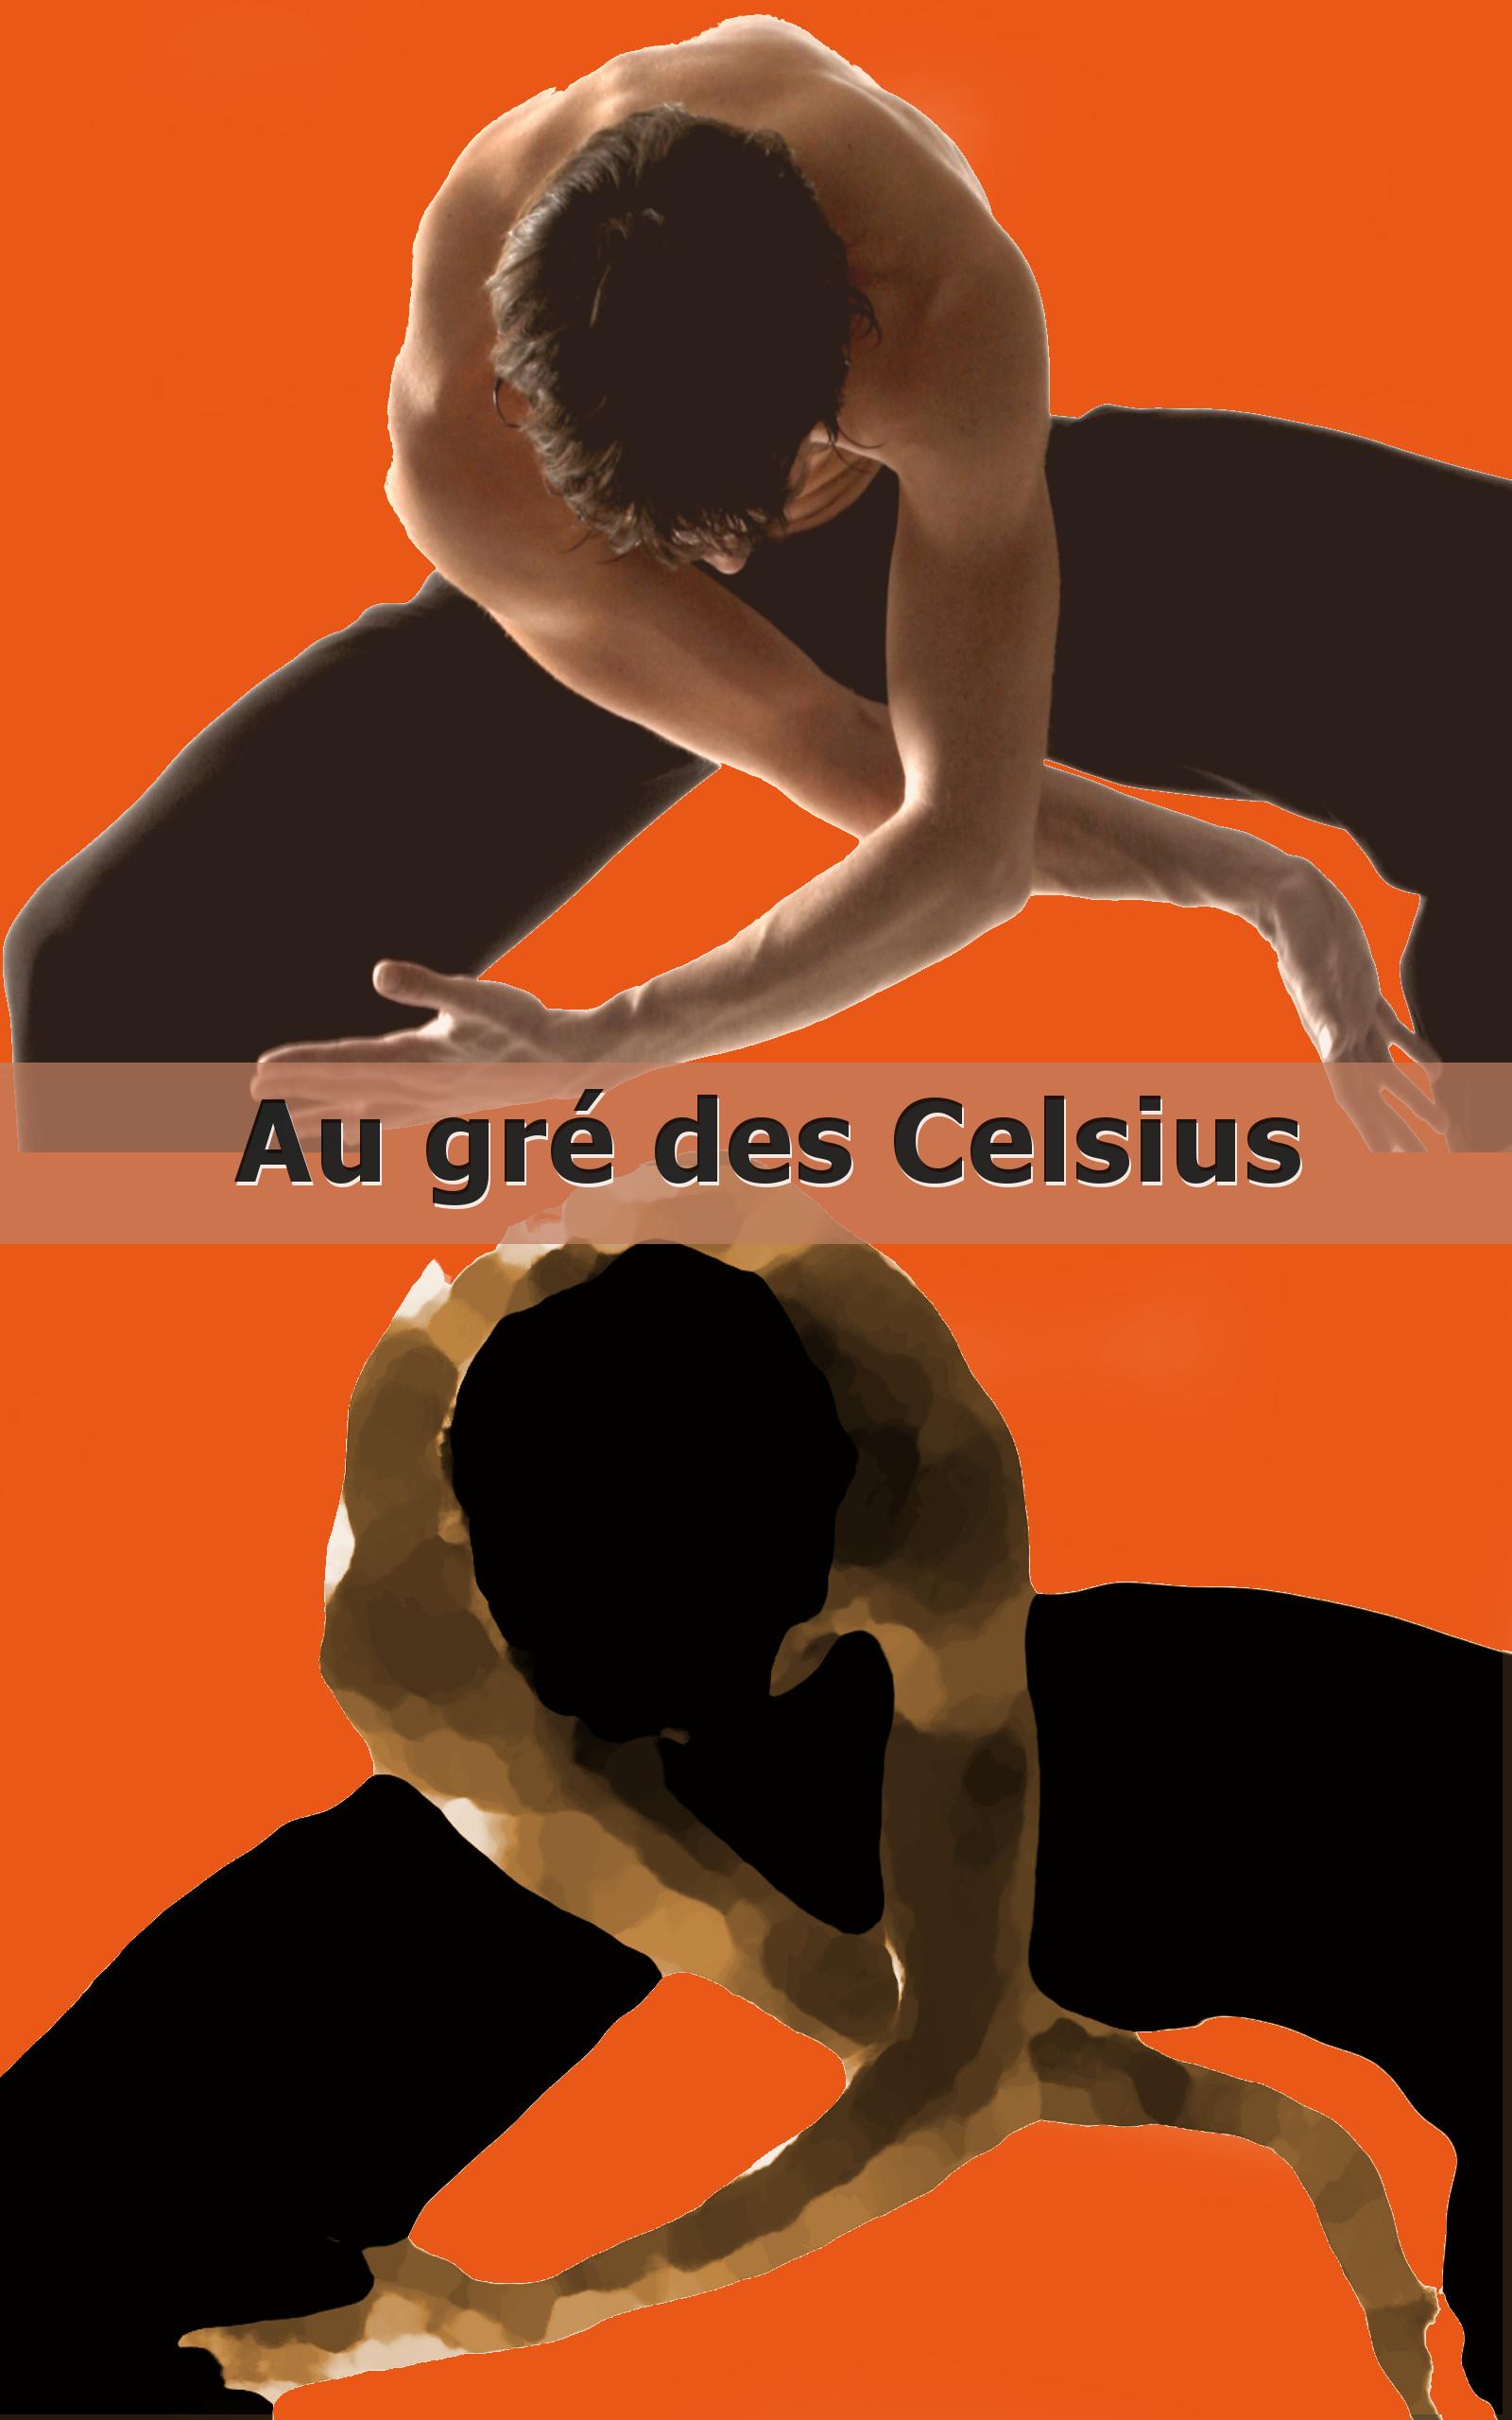 aU GRE DES CELSIUS